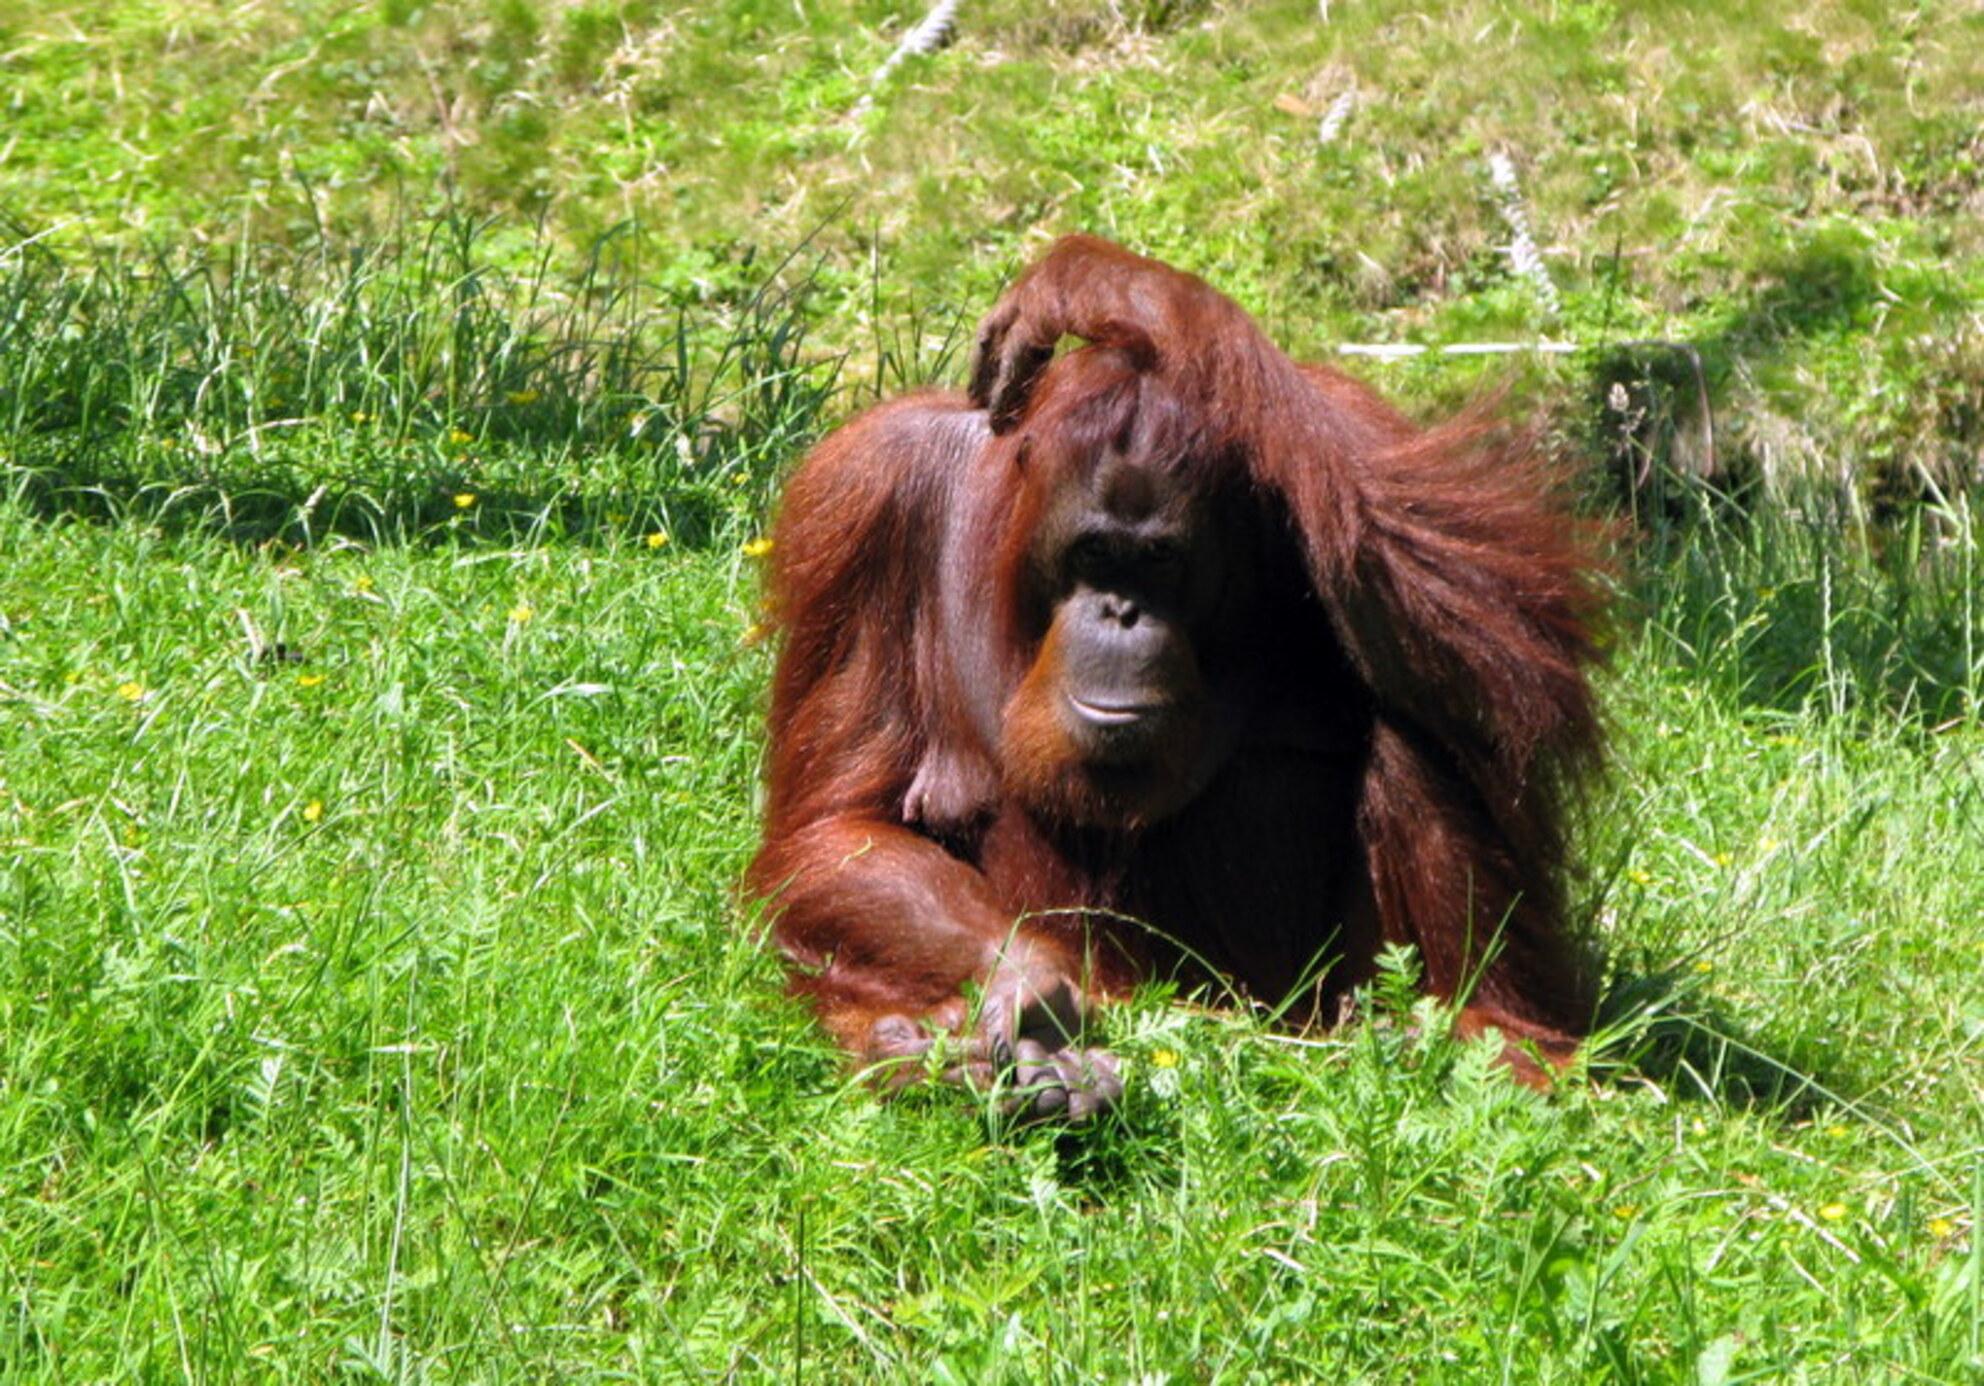 Even denken - 2-1 voor Nederland Allemaal veel plezier - foto door sabine61 op 29-06-2014 - deze foto bevat: dierentuin, aap